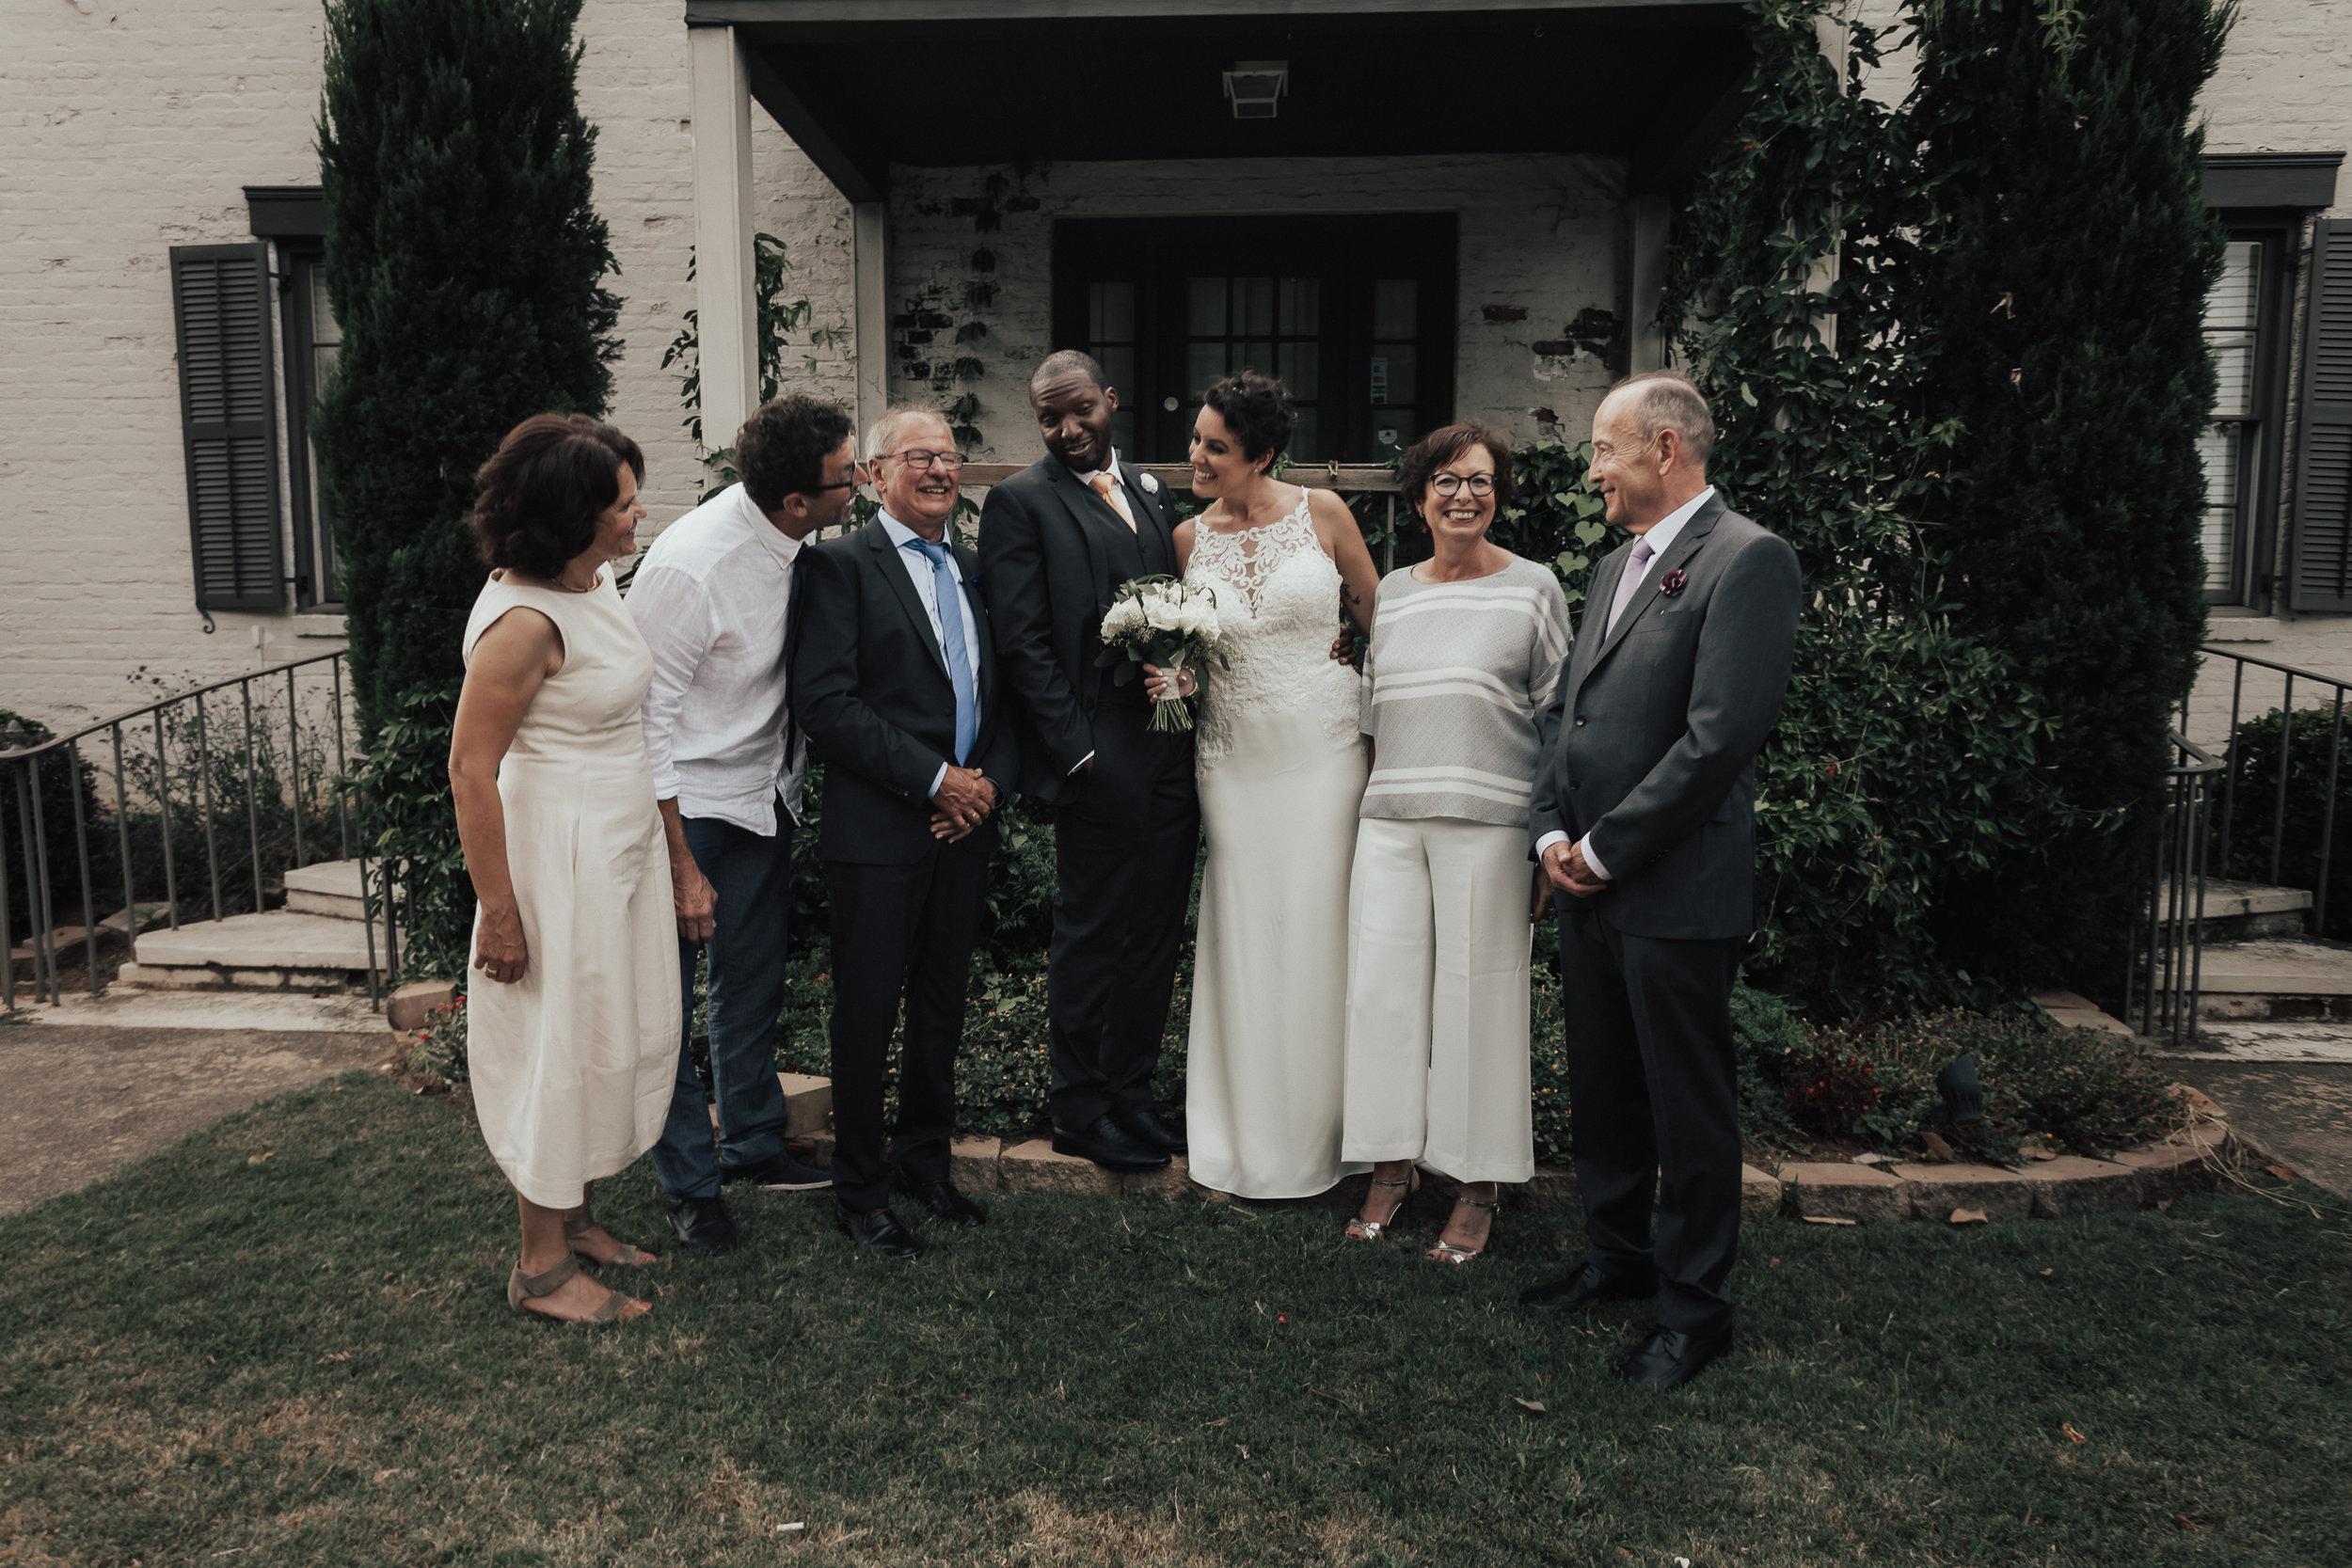 Gianna Keiko Atlanta Wedding Photographer-6.jpg